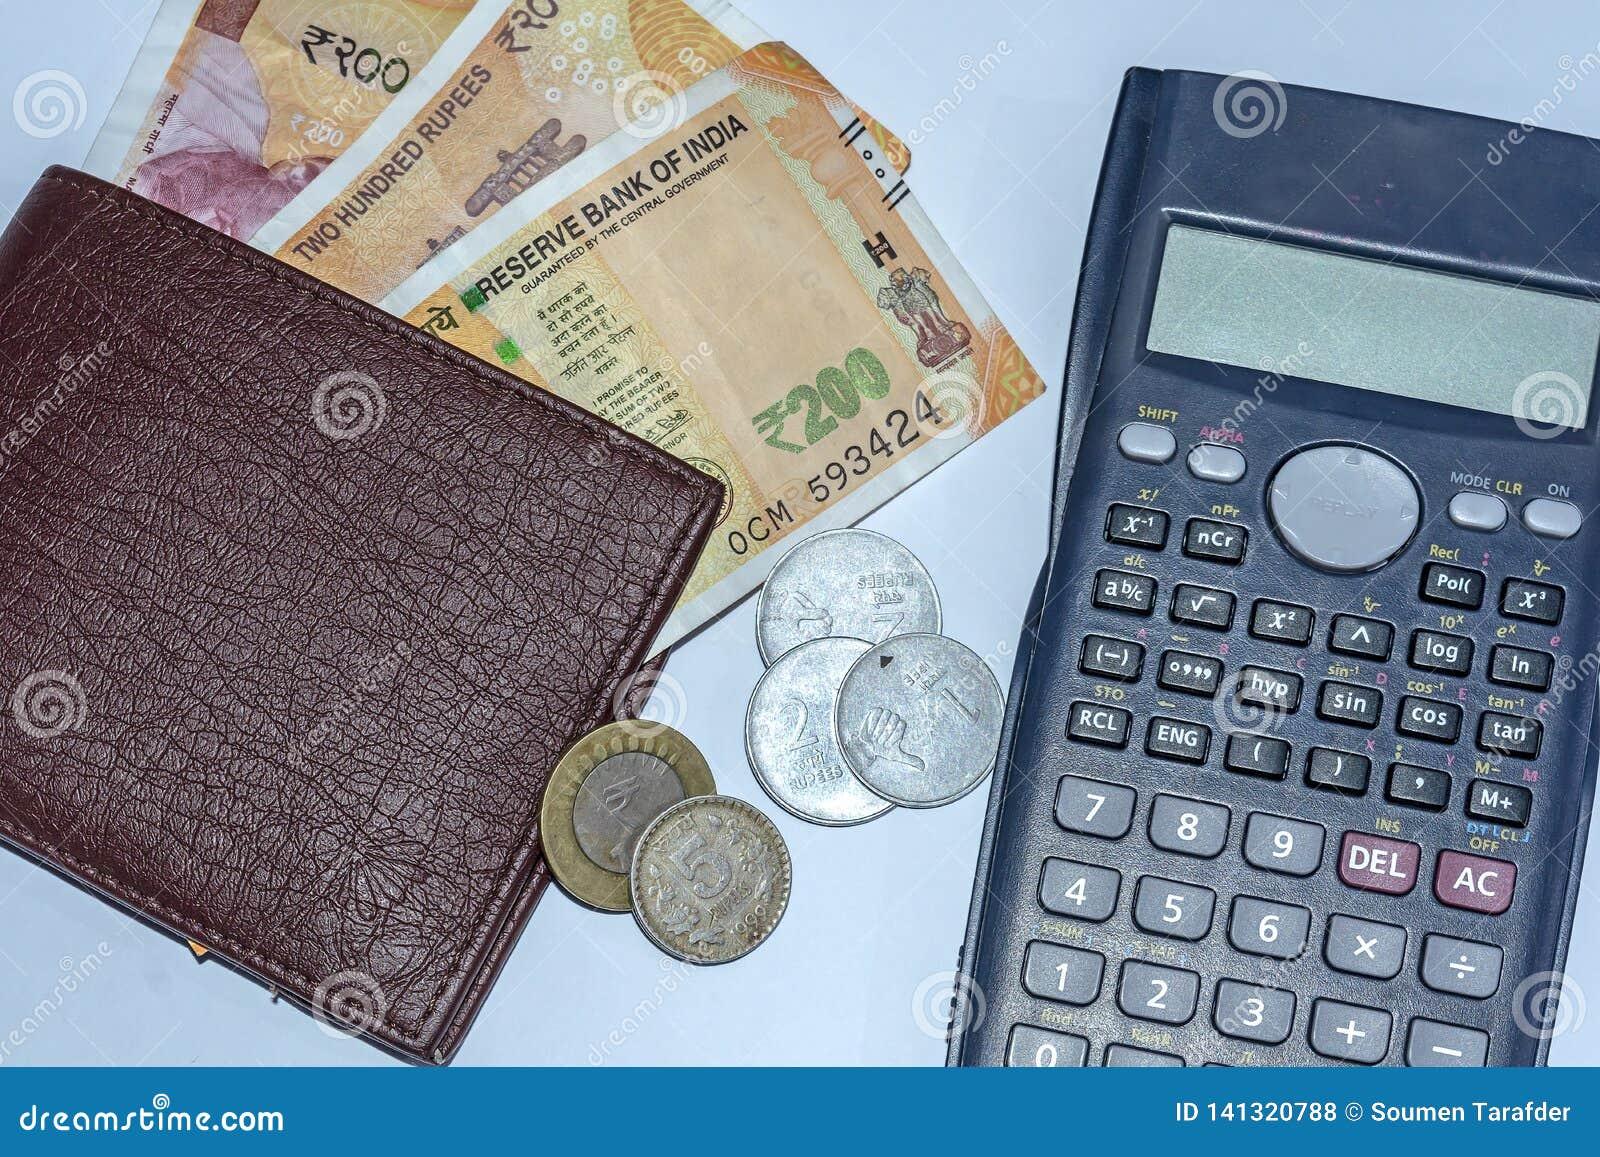 Близкий поднимающий вверх взгляд калькулятора, бумажника с совершенно новыми индийскими 200 рупиями банкнот и монеток 1,2,10 рупи